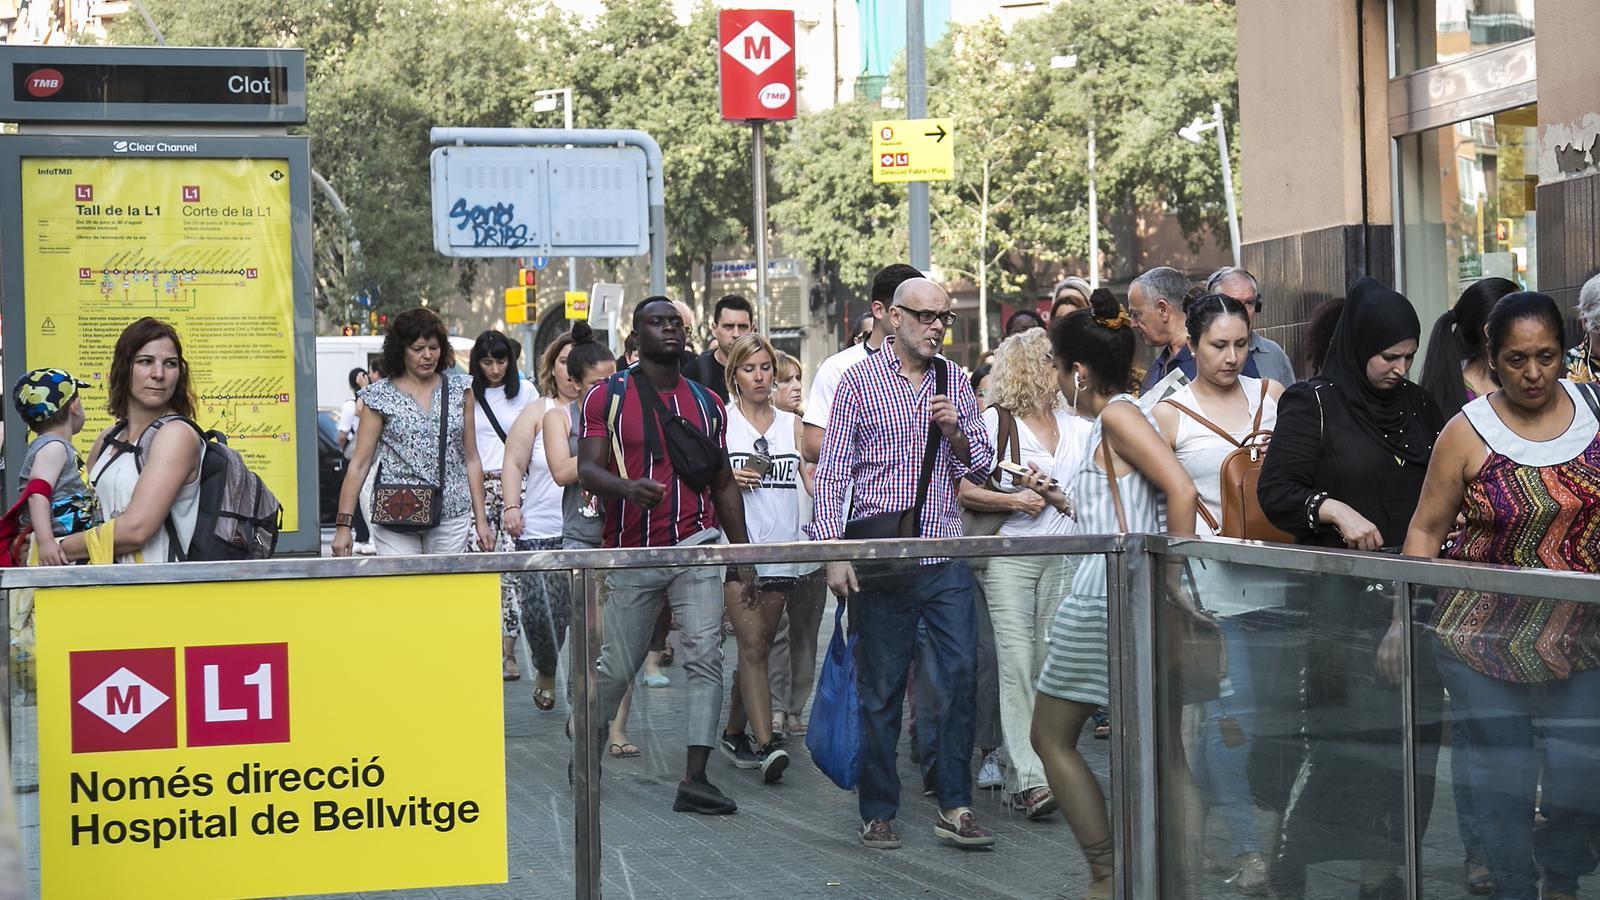 La gimcana per arribar al centre de Barcelona sense la L1